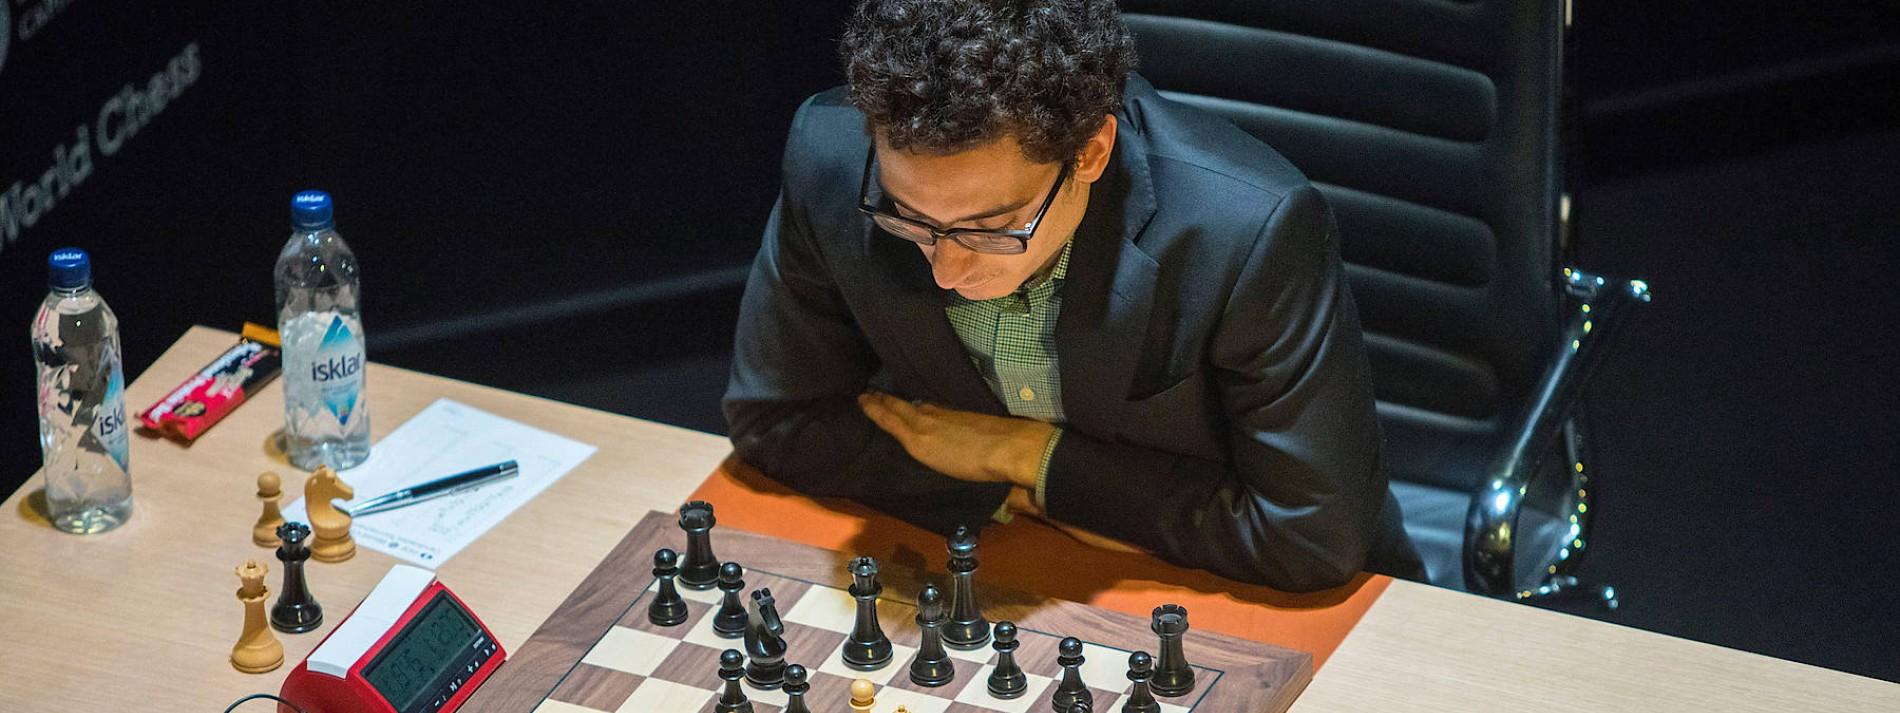 Schach matt durch Corona